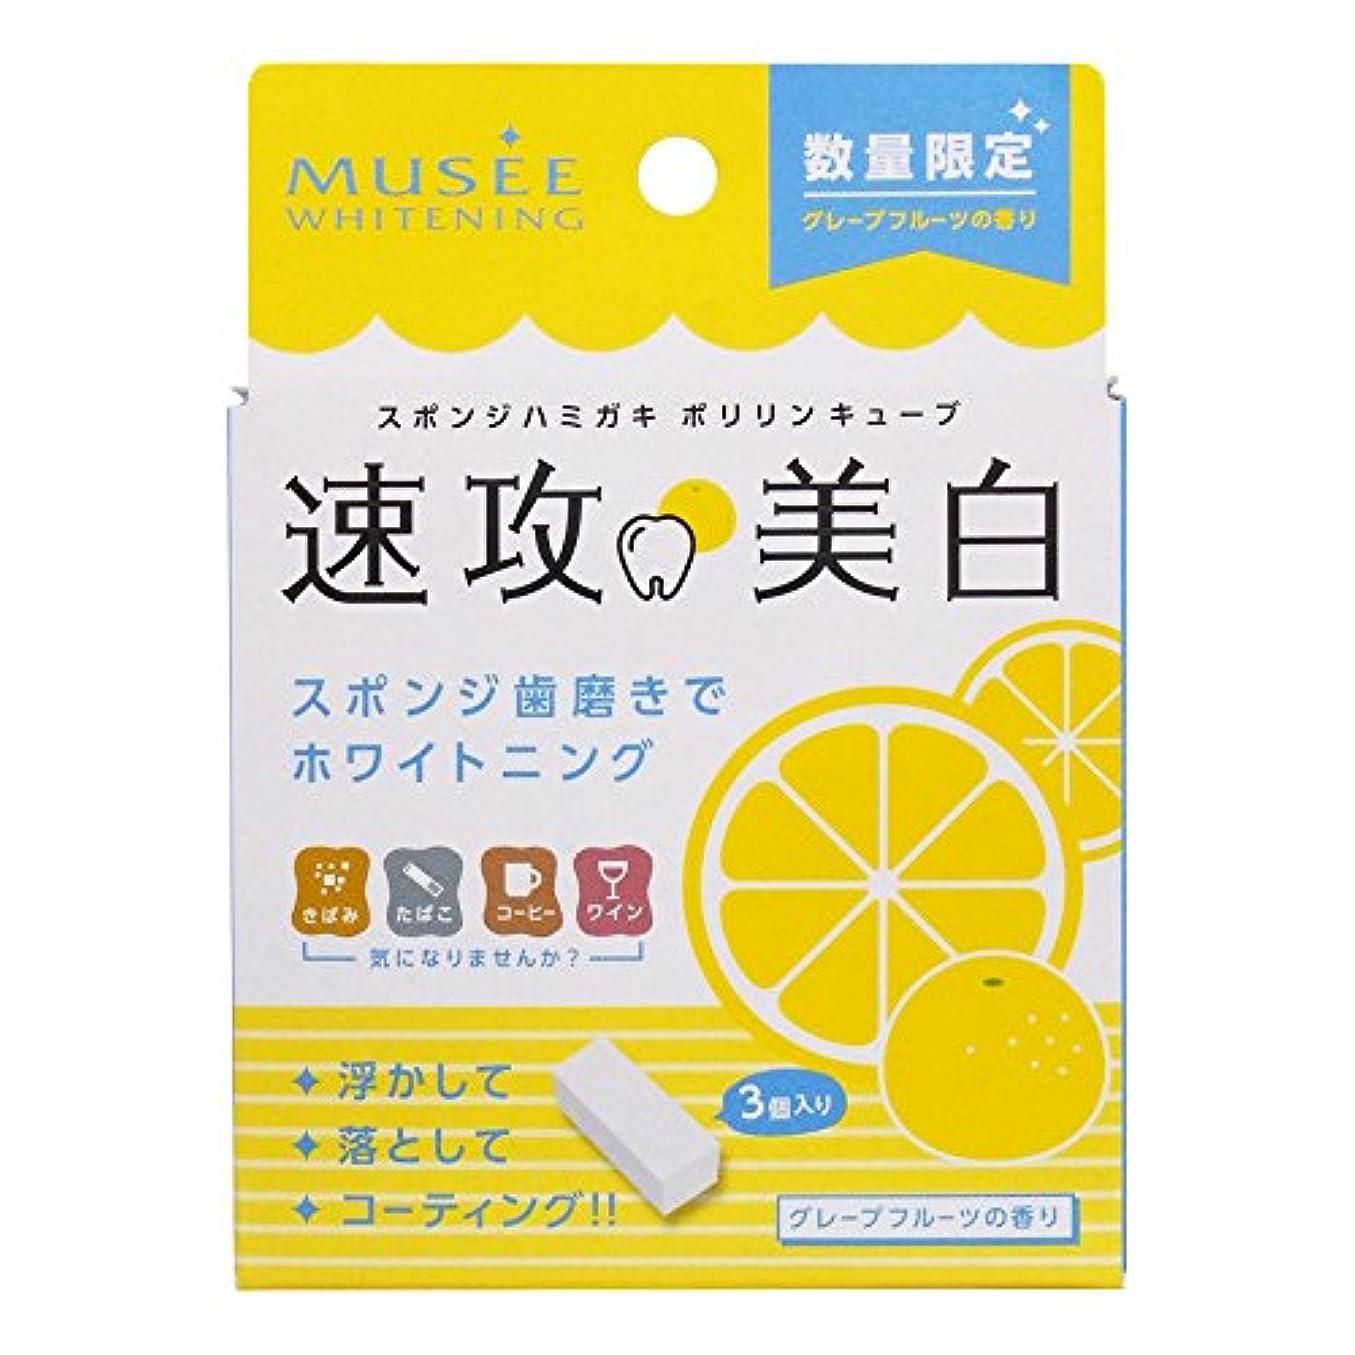 ケーブルカー主観的眉ミュゼホワイトニング ポリリンキューブ グレープフルーツの香り (1回分×3包)